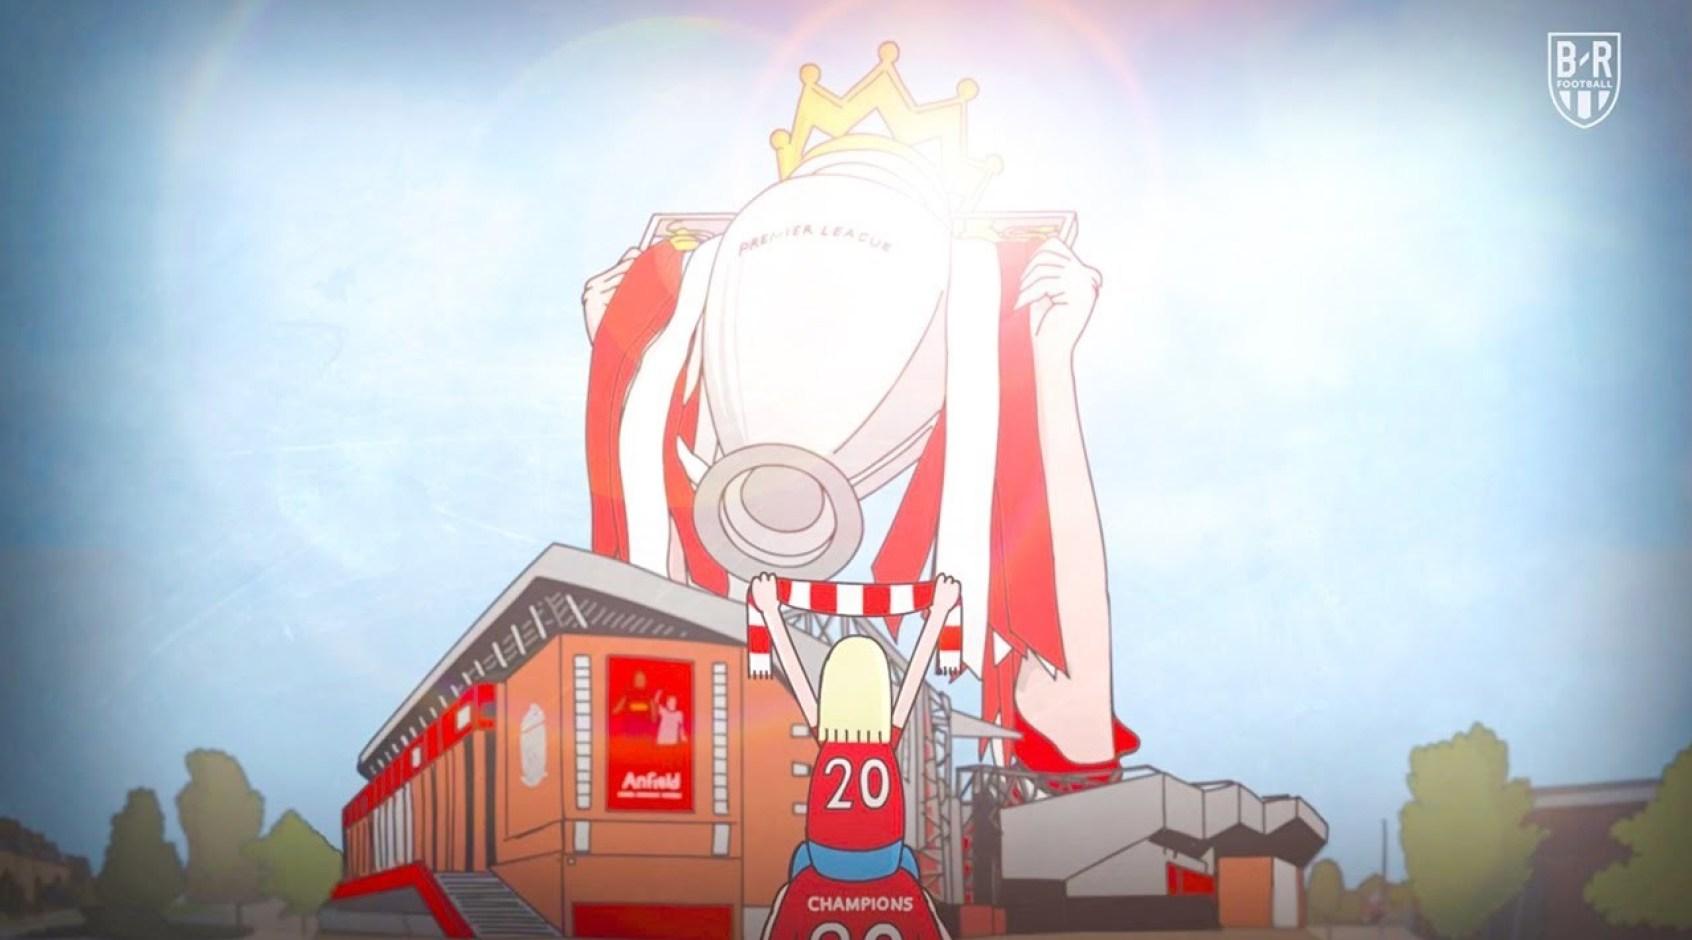 """Долгий путь к титулу: очень трогательный ролик в честь чемпионства """"Ливерпуля"""" (Видео)"""